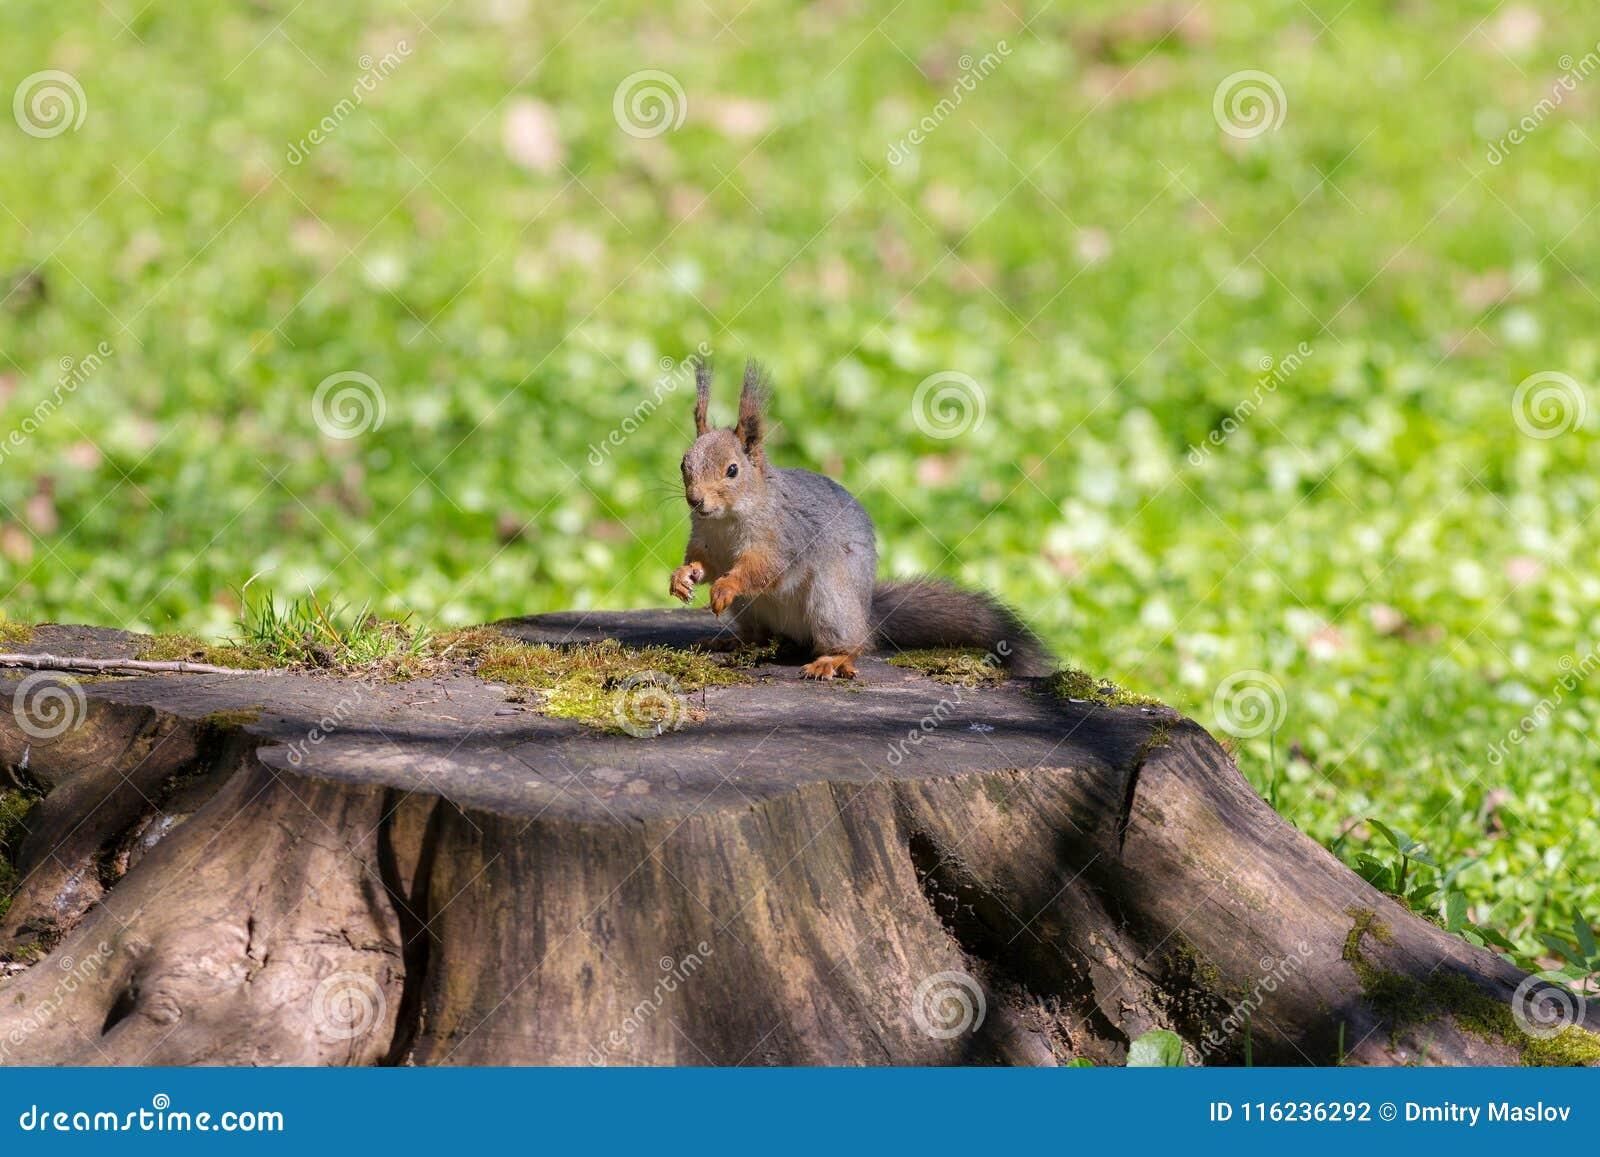 Wiewiórka na konopie